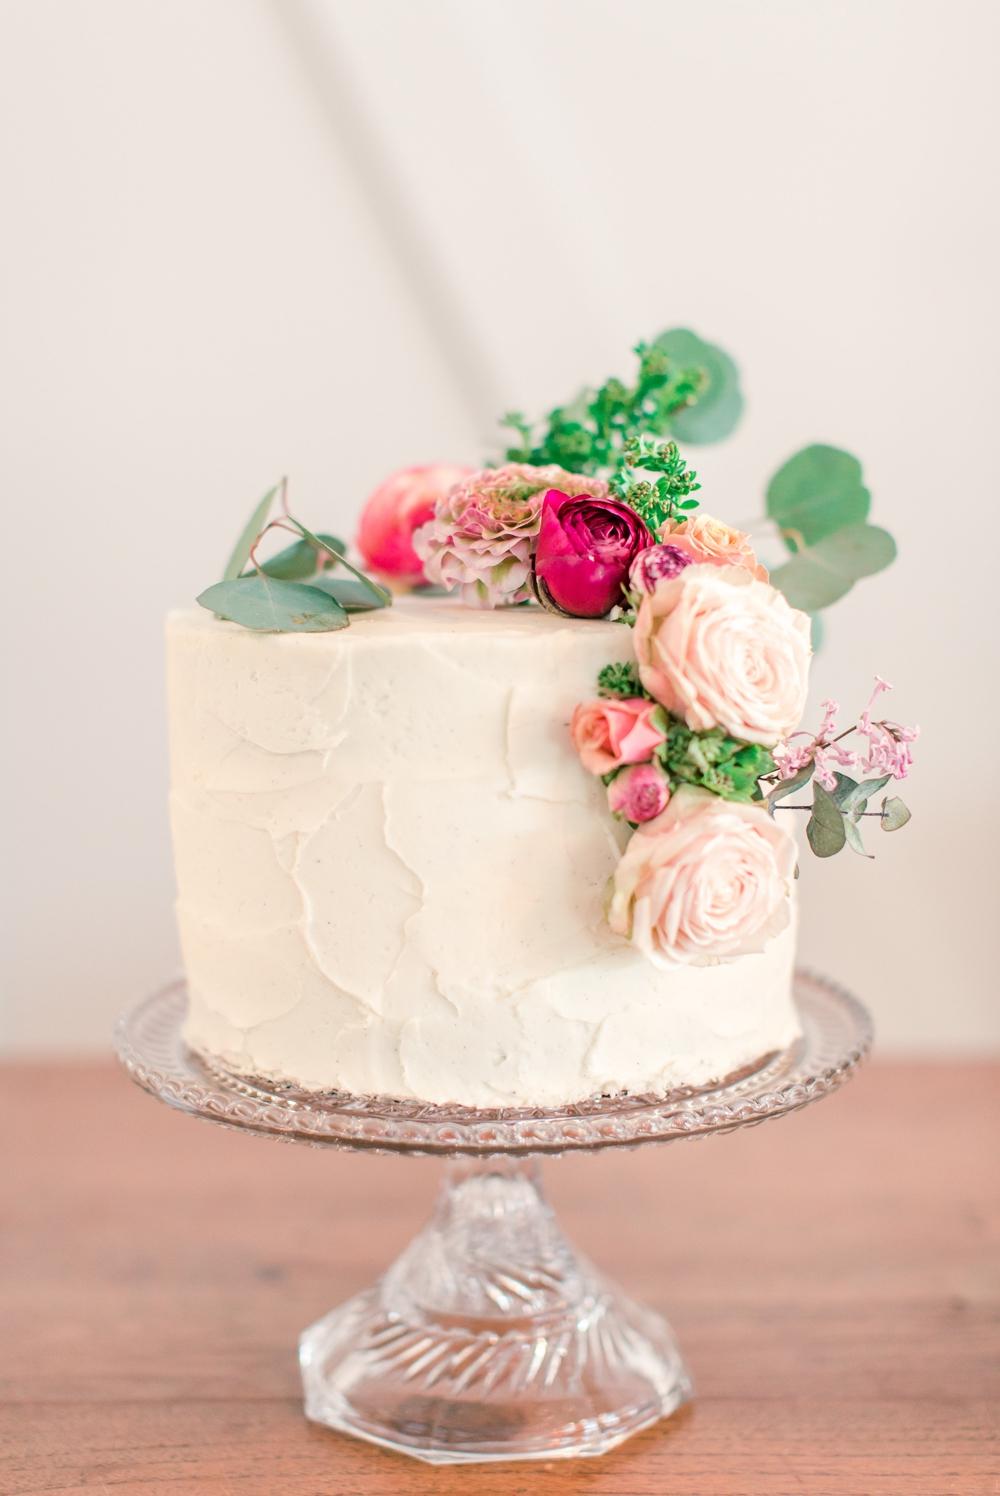 cake-decorating-workshop-floral-and-design 7.jpg